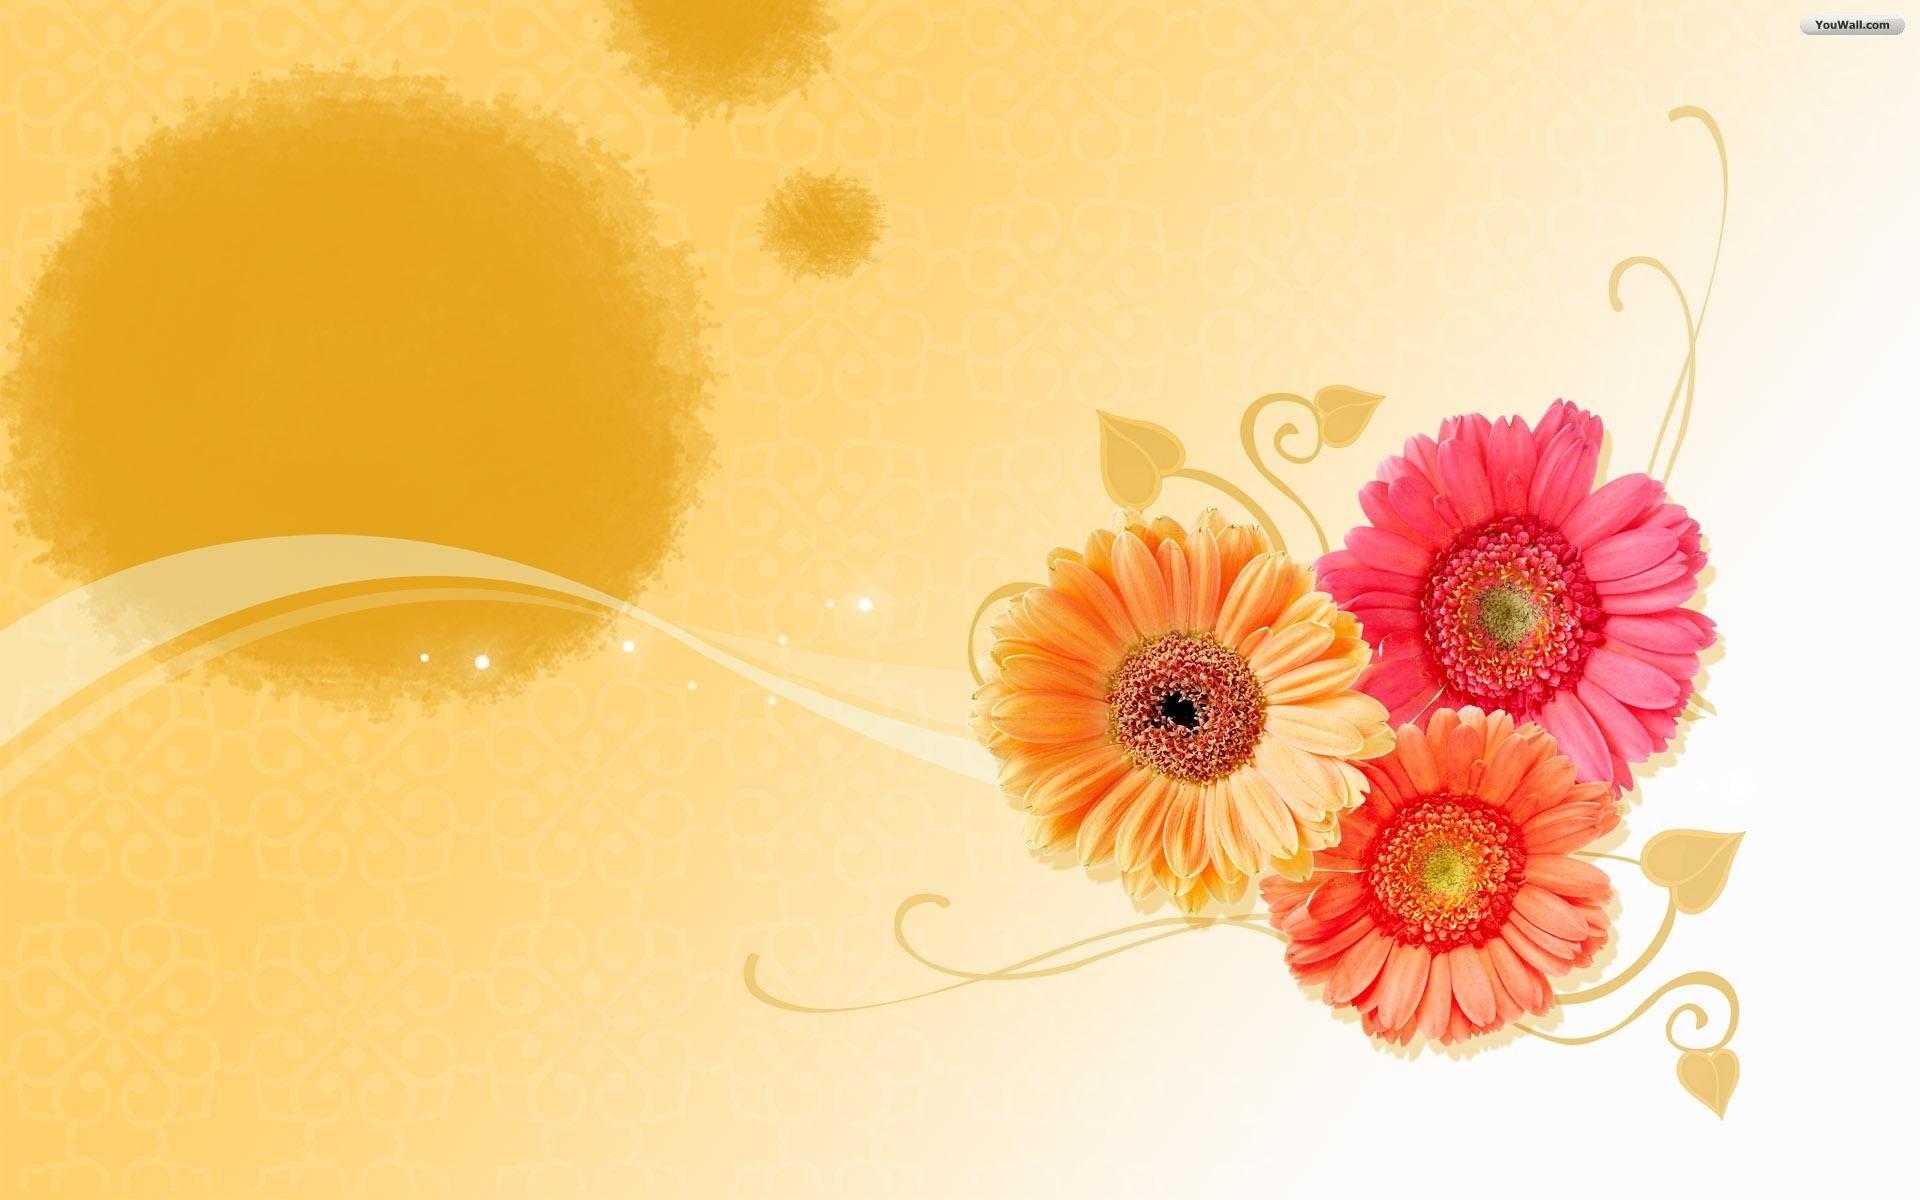 Flower Wallpapers Hd …